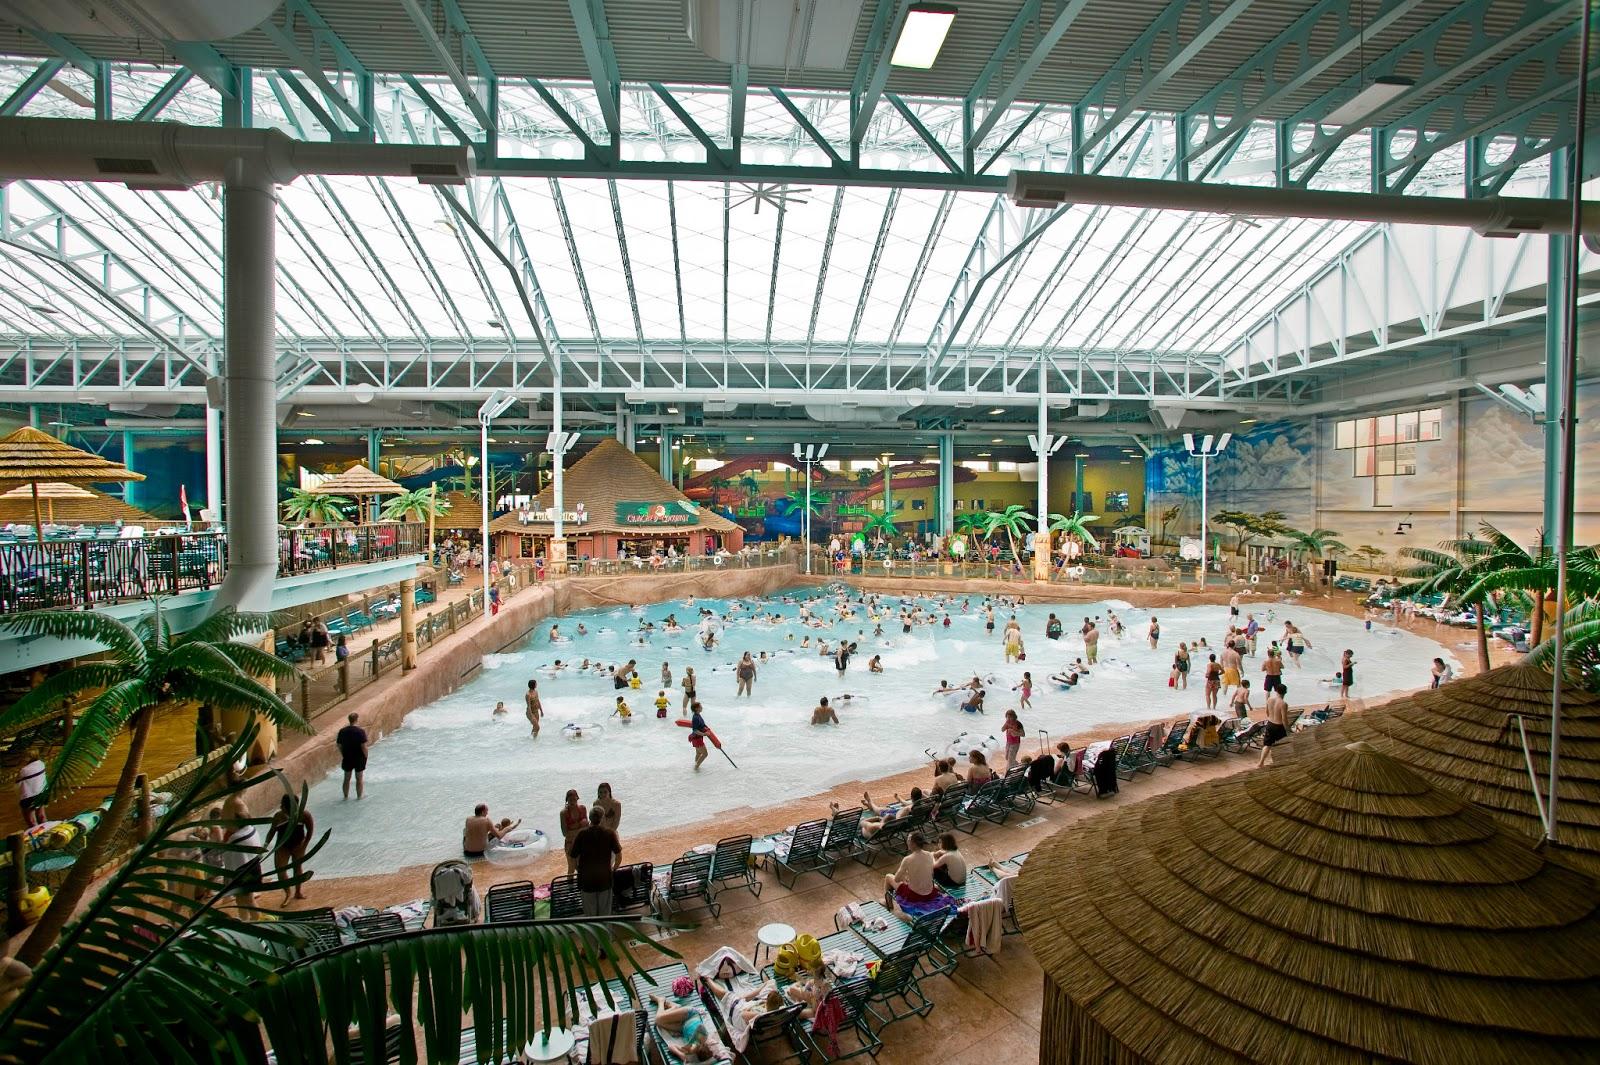 kalahari resorts plans expansion in pocono mountains - gr8lakescamper